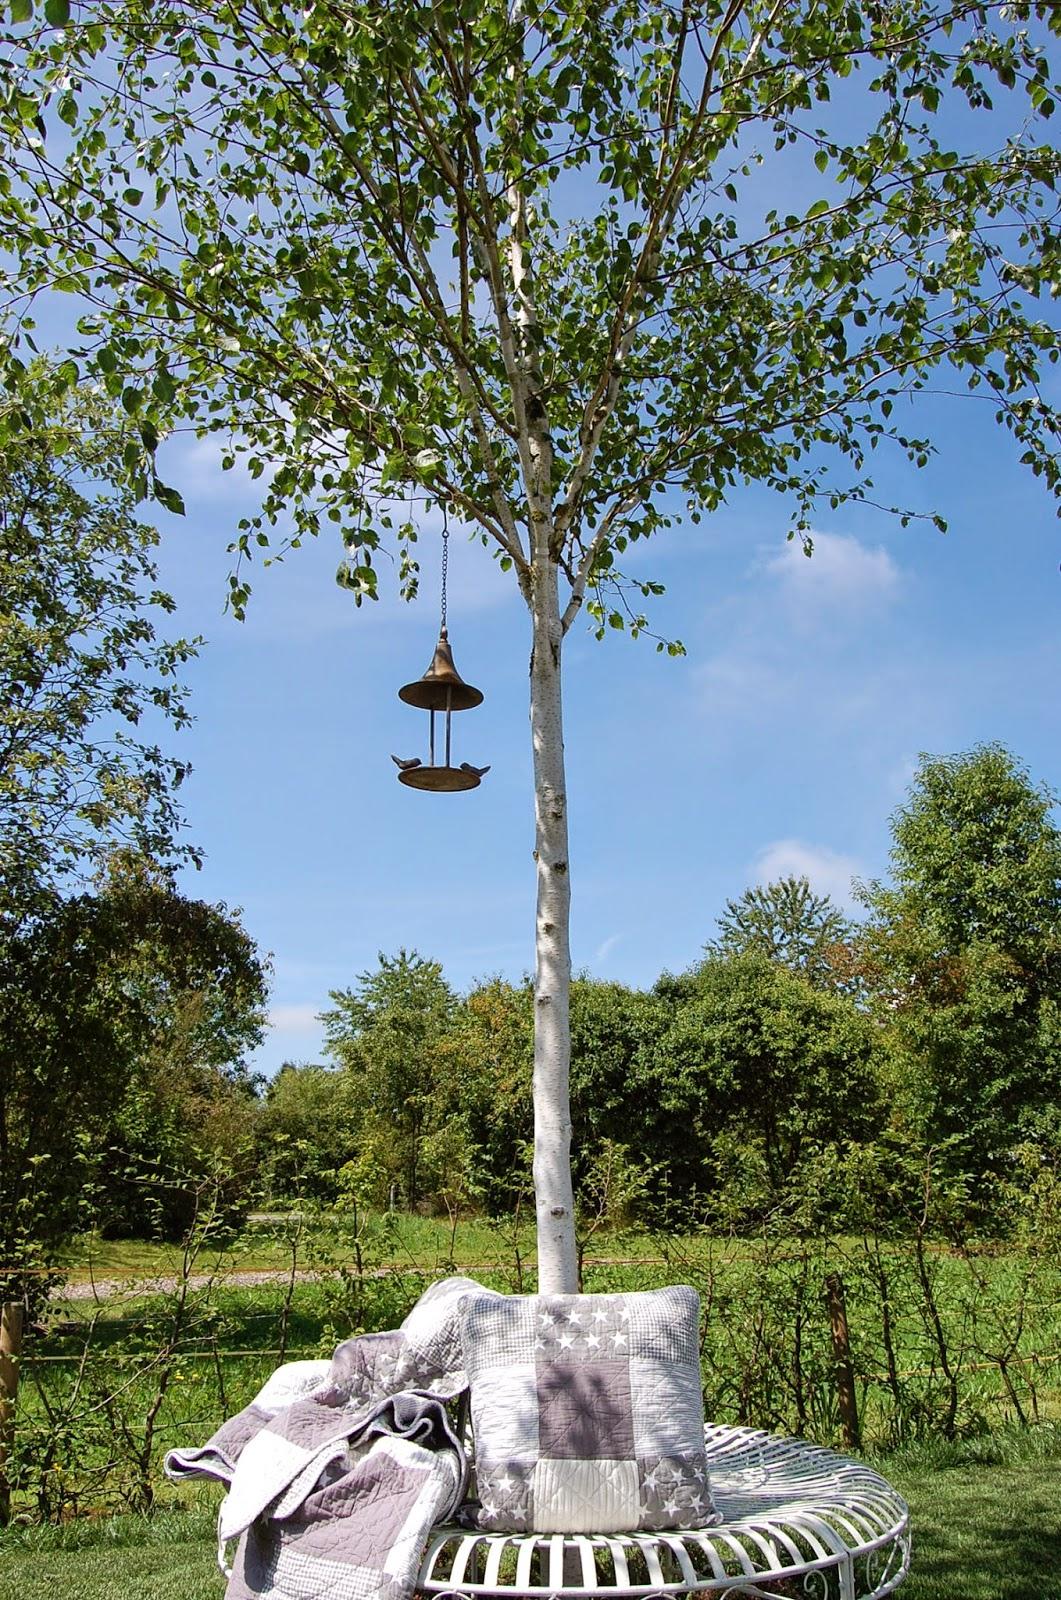 Himalaya Birke villajenal betula utilis doorenbos